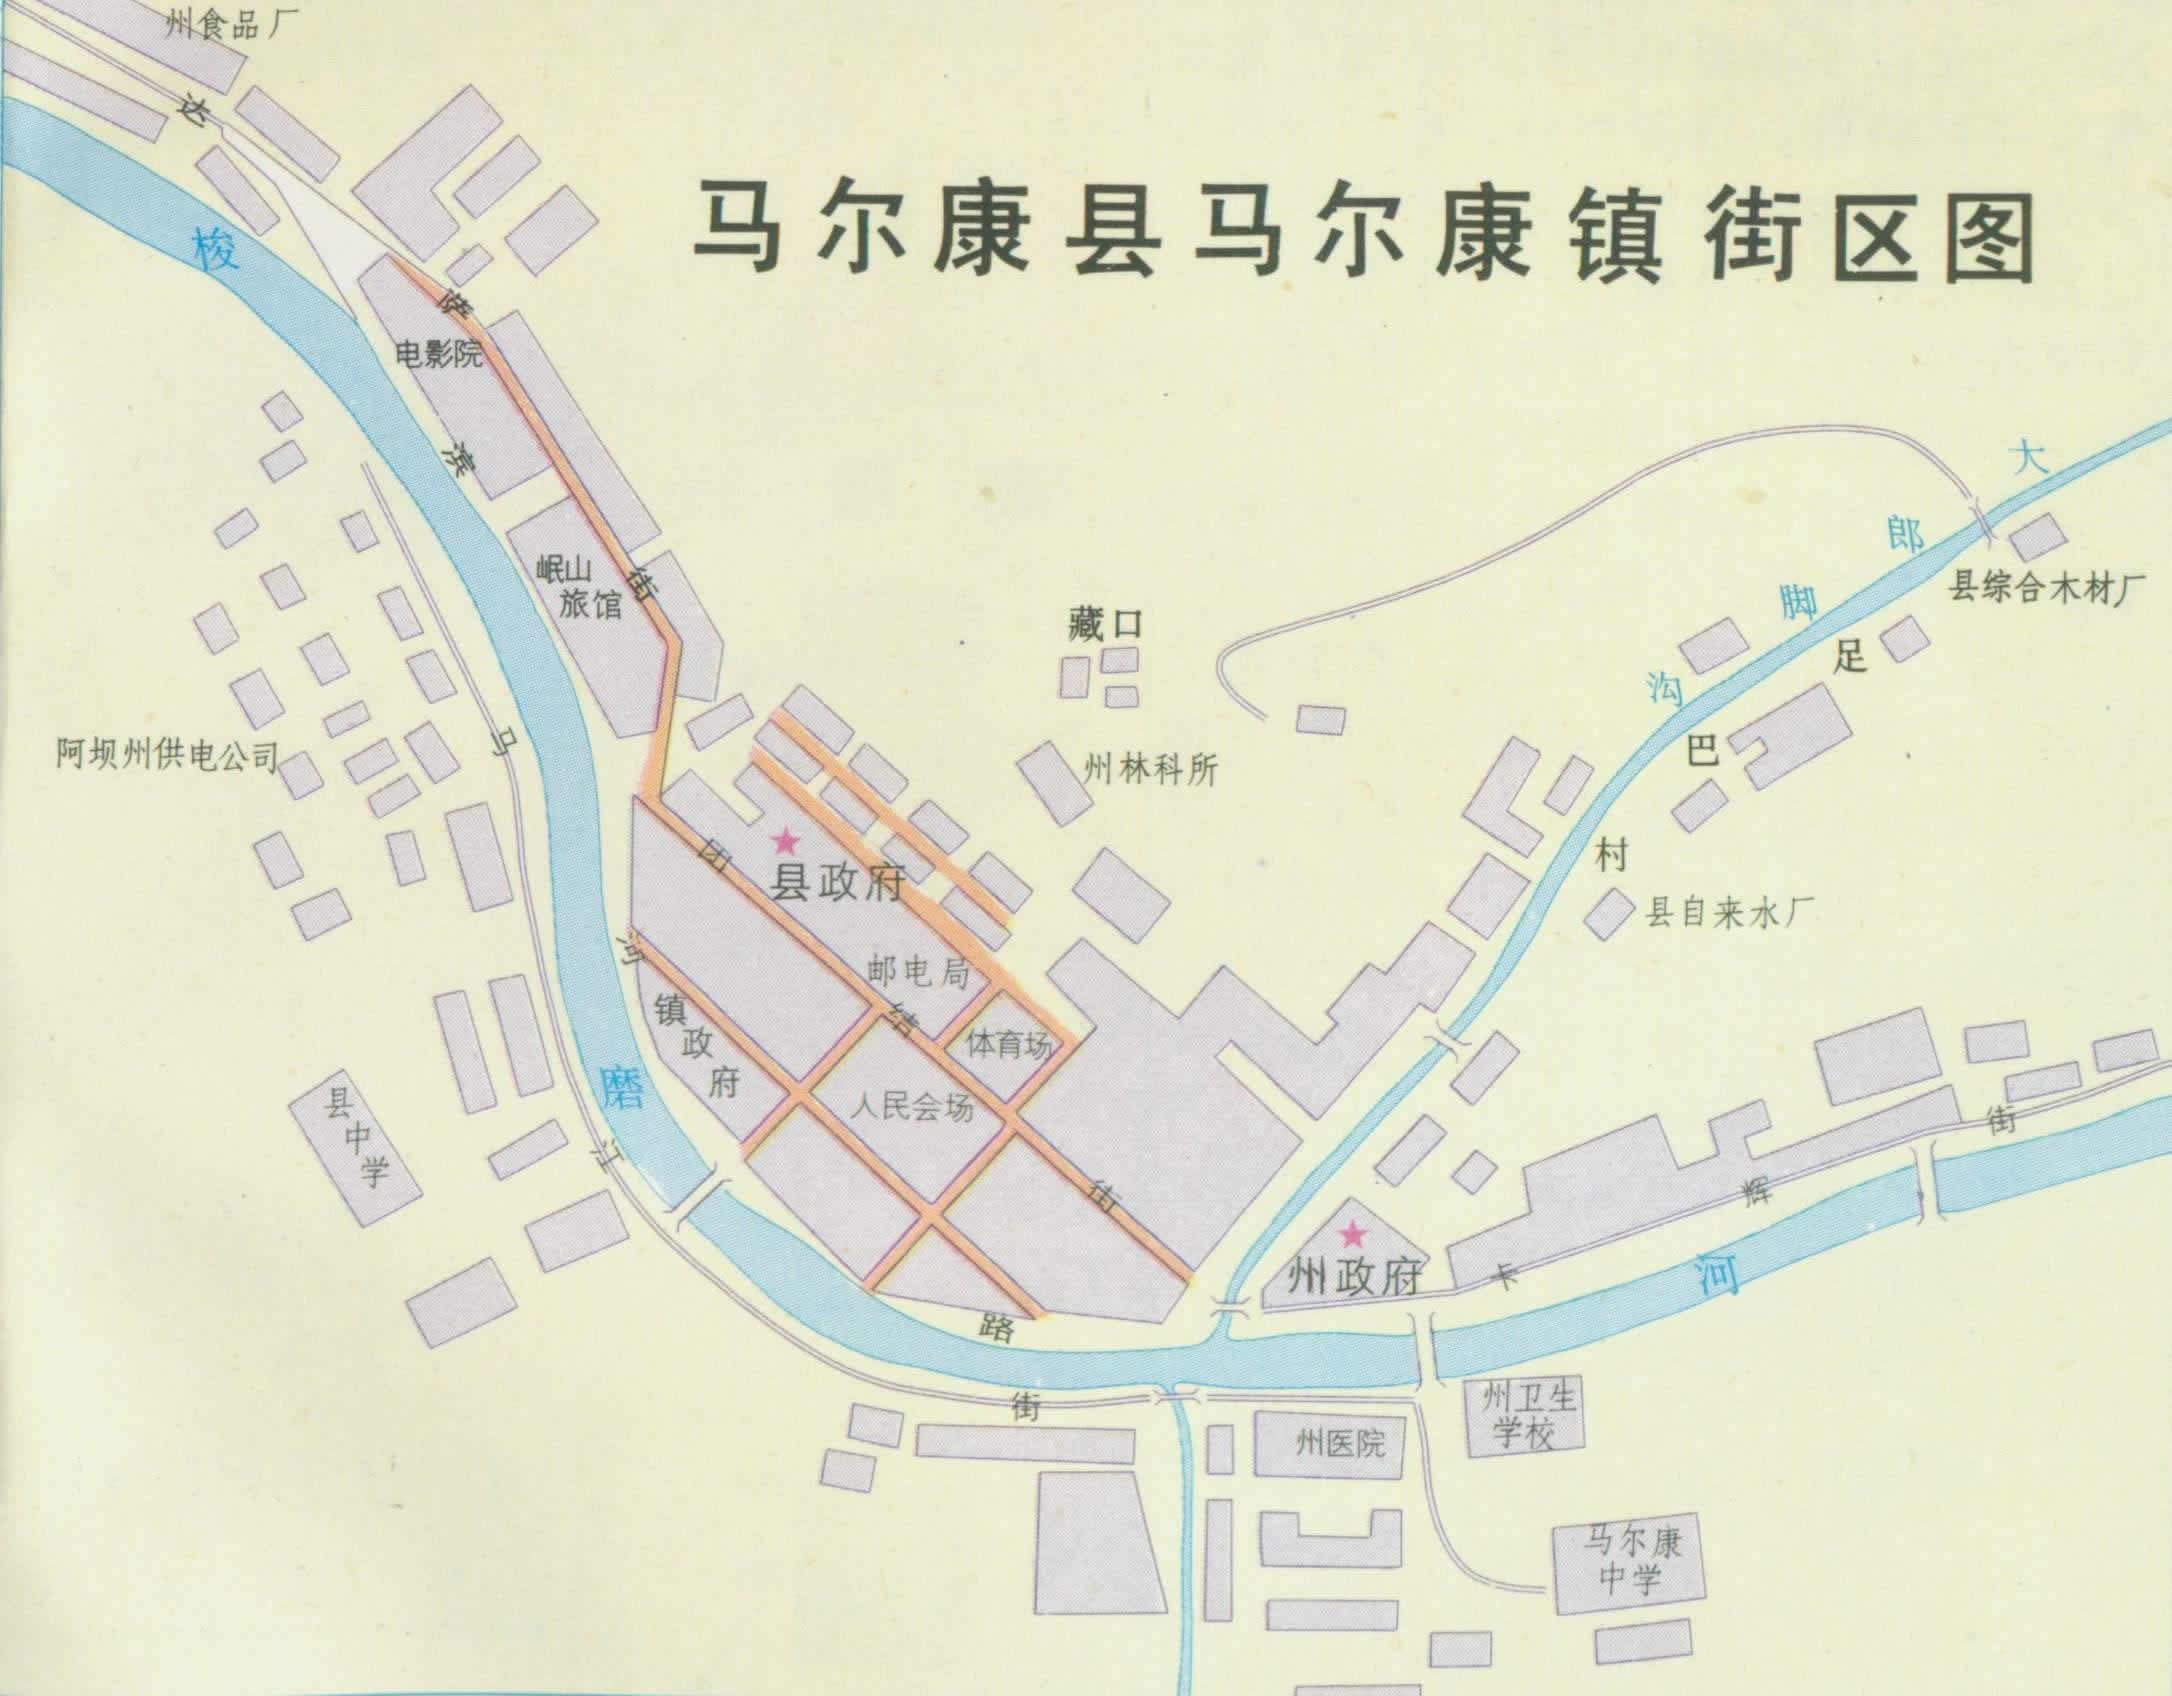 四川小金县_马尔康县行政区划、交通地图、人口面积、地理位置、风景图片 ...